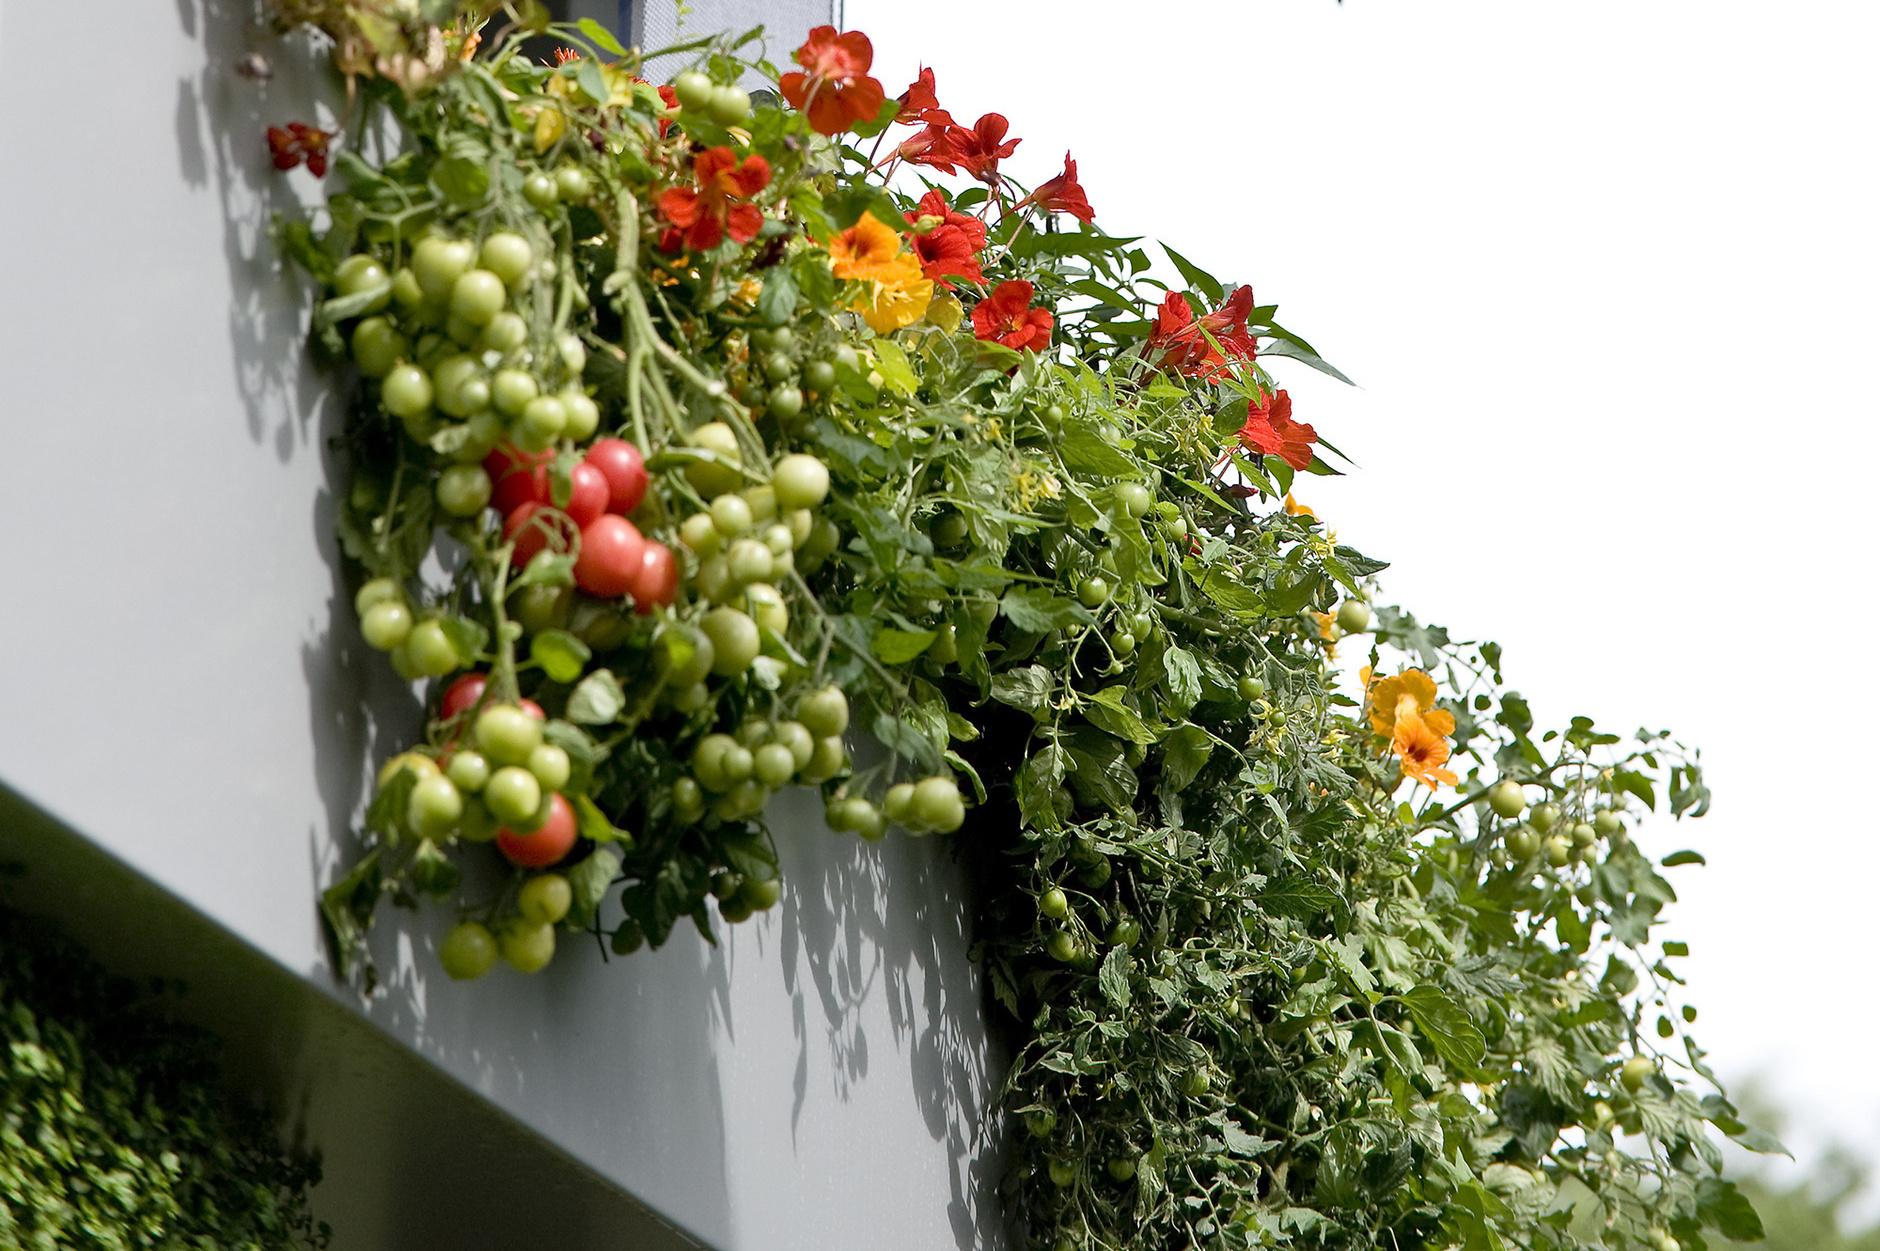 как сажать семена помидор на балконе